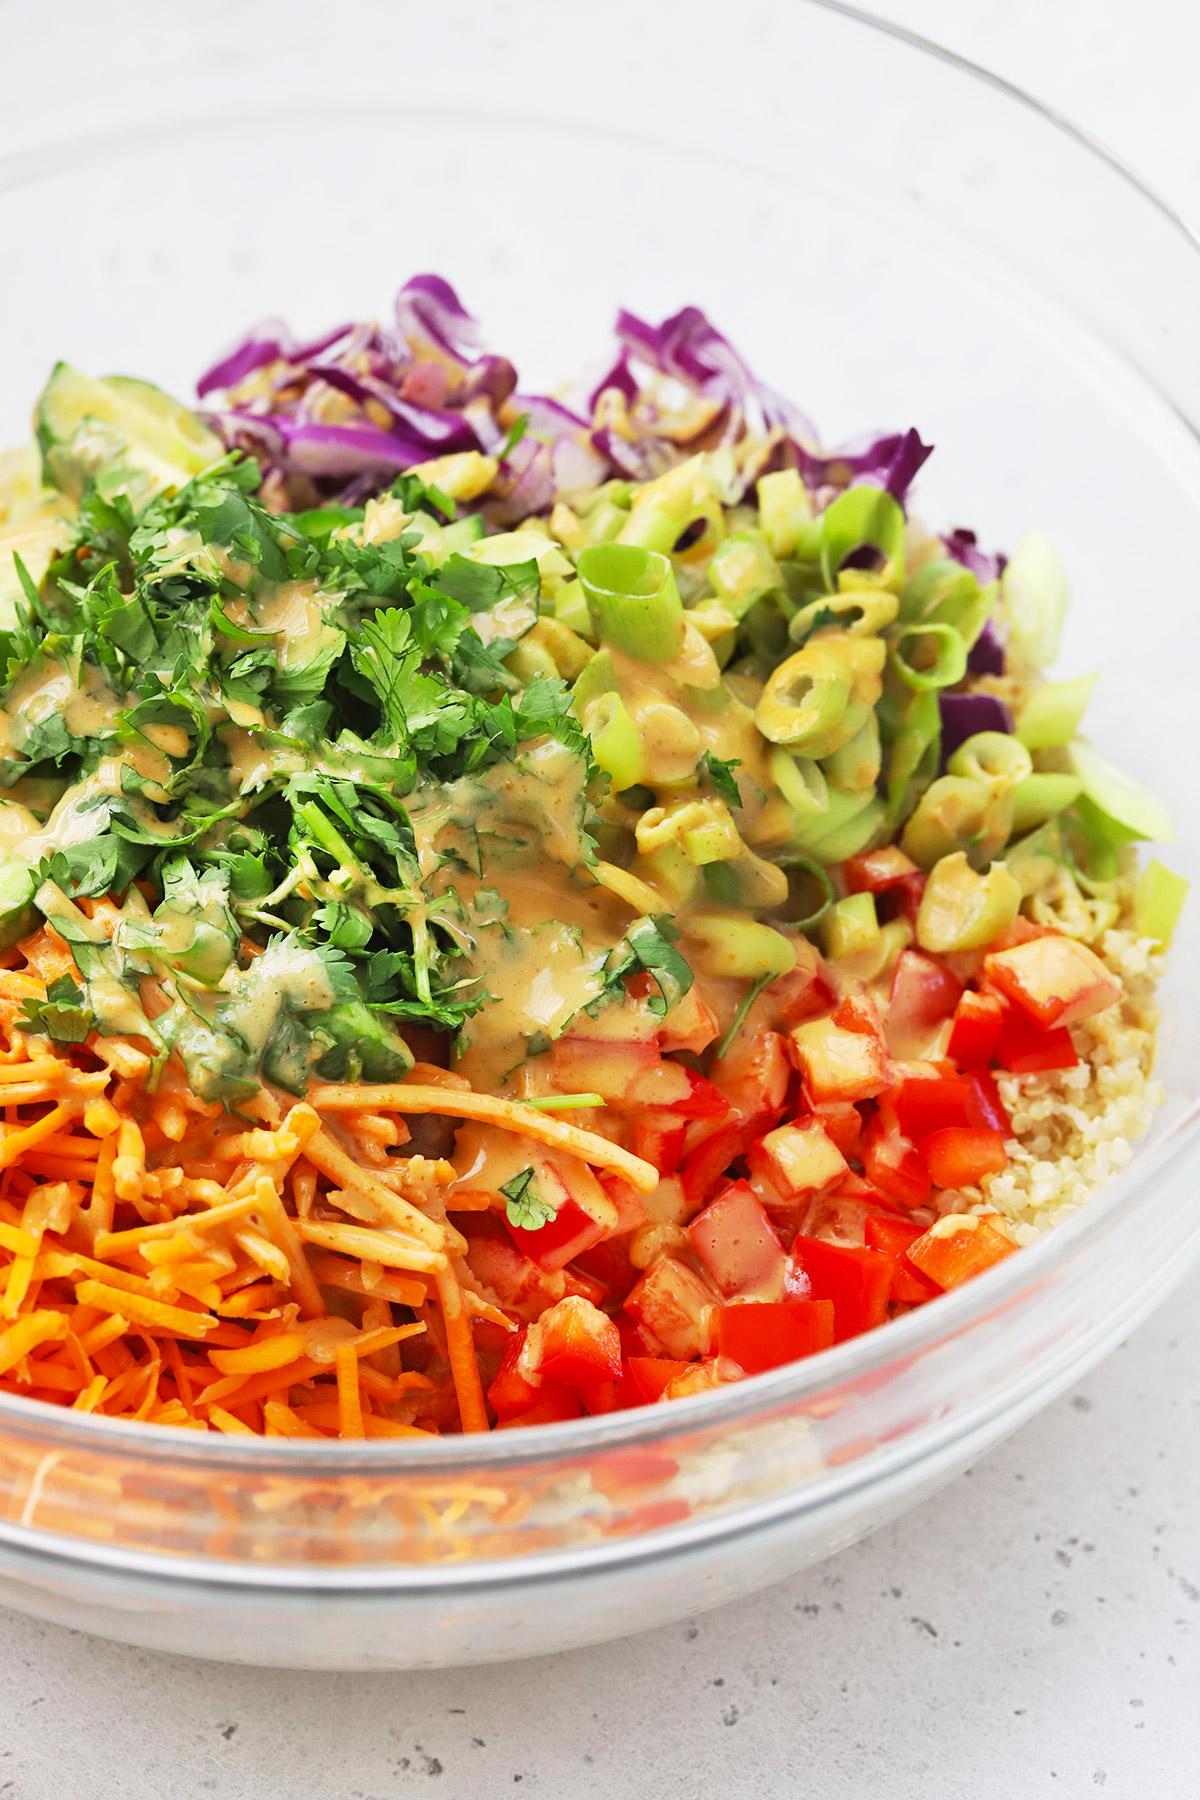 Peanut Dressing Drizzled over Thai Quinoa Salad ingredients